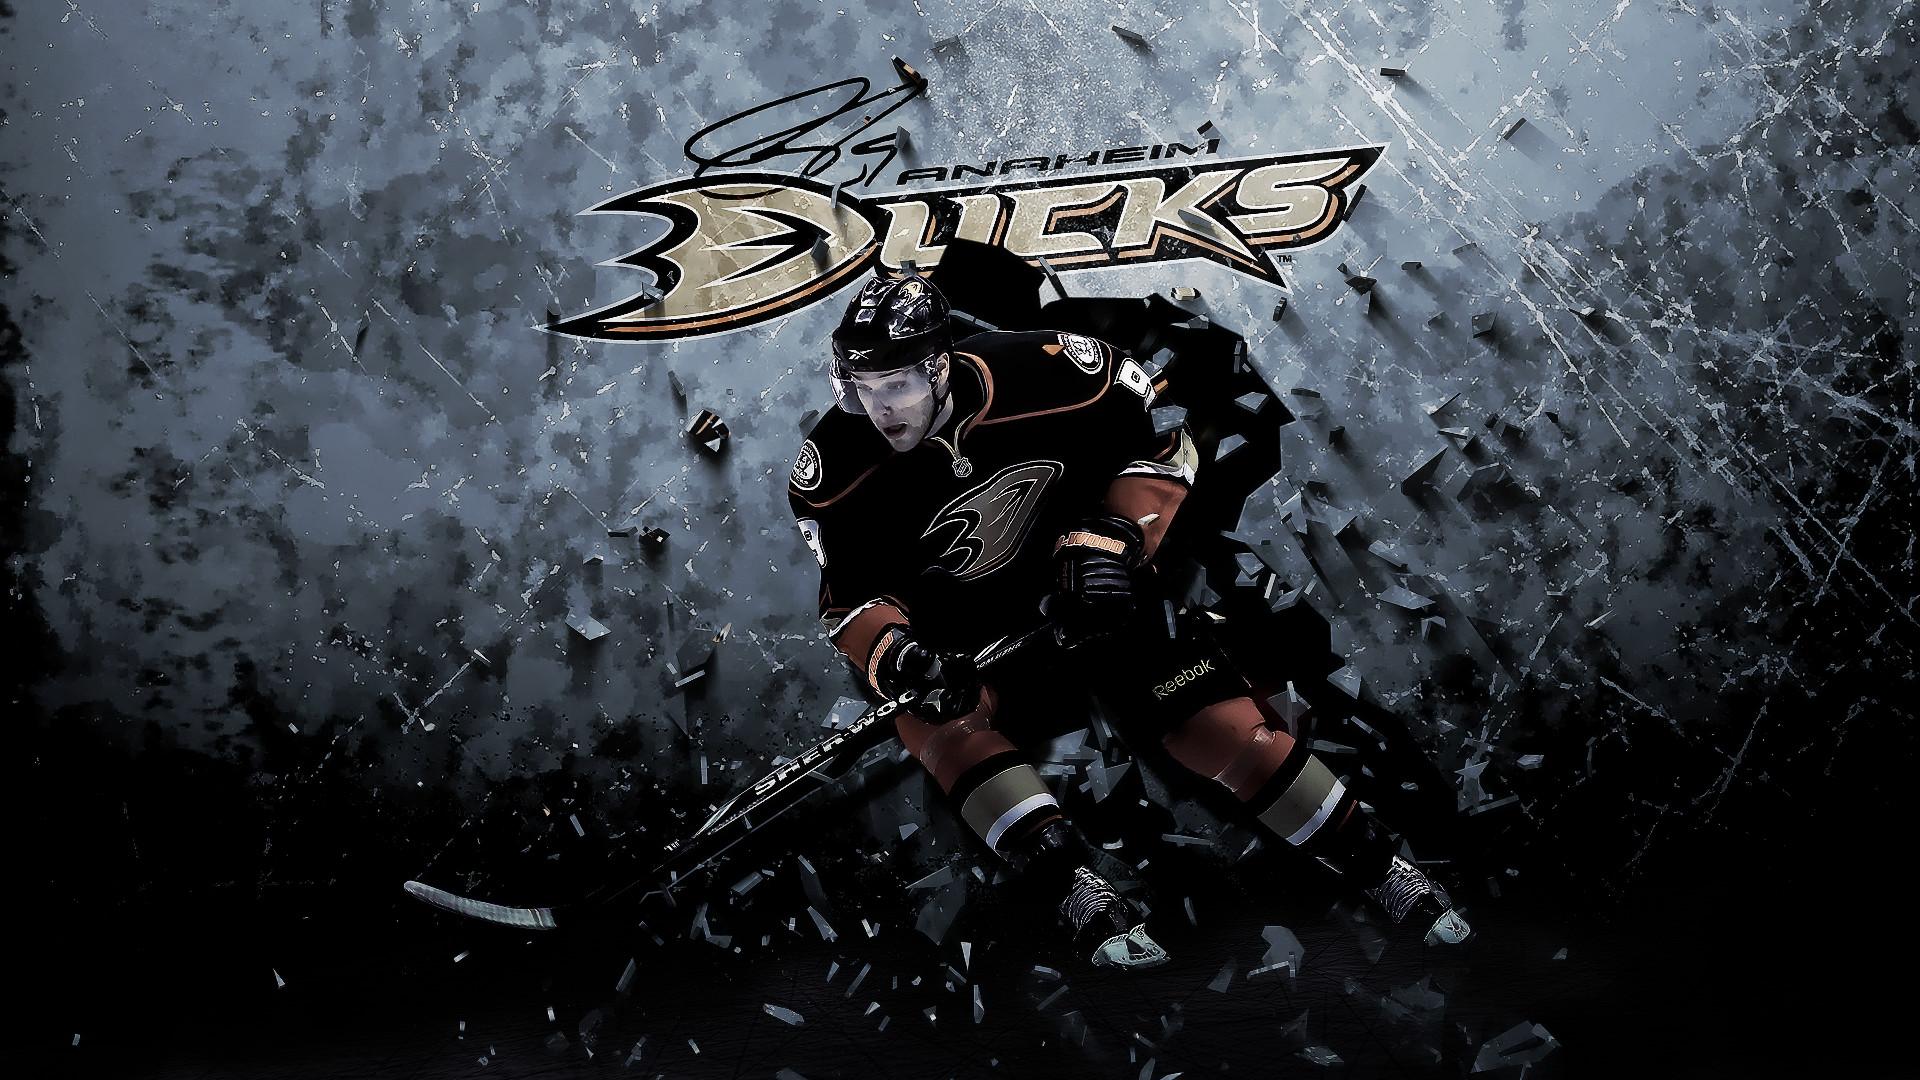 Anaheim Ducks Background Free Download.